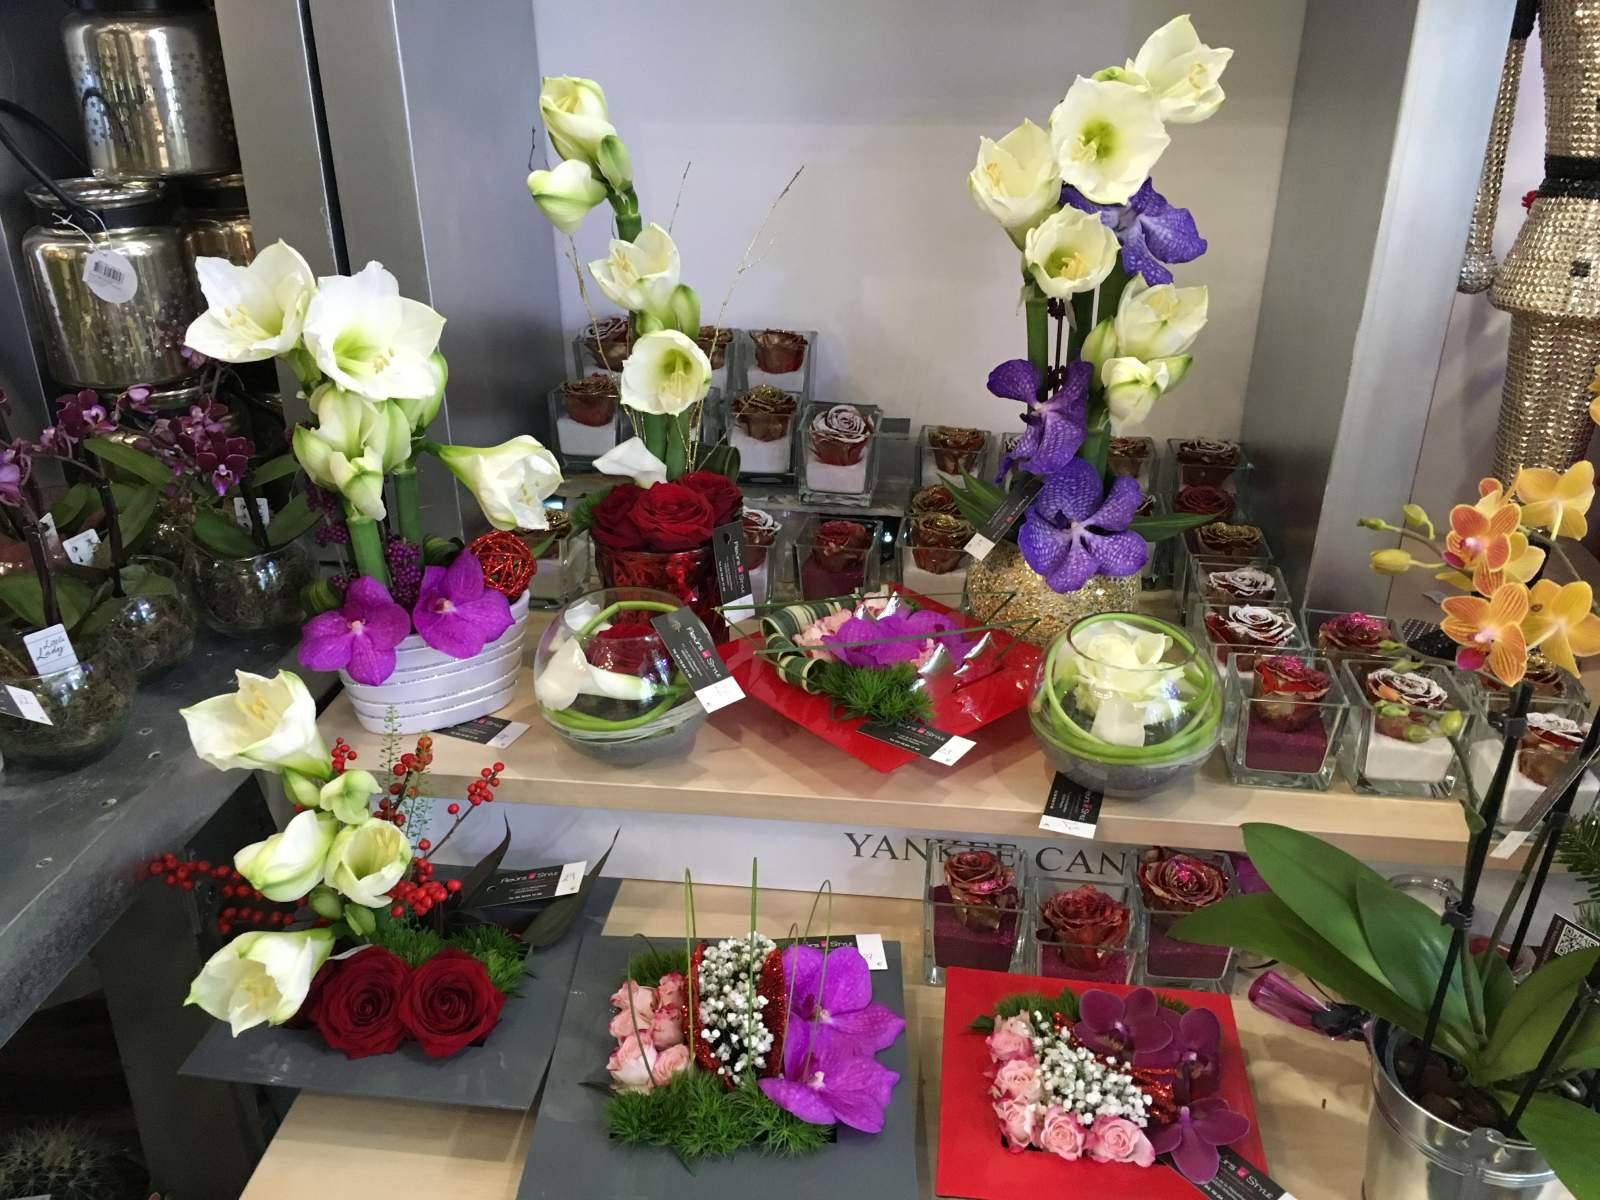 fleurs bouquets compositions florales pour no l meyzieu et alentours vente de fleurs et. Black Bedroom Furniture Sets. Home Design Ideas